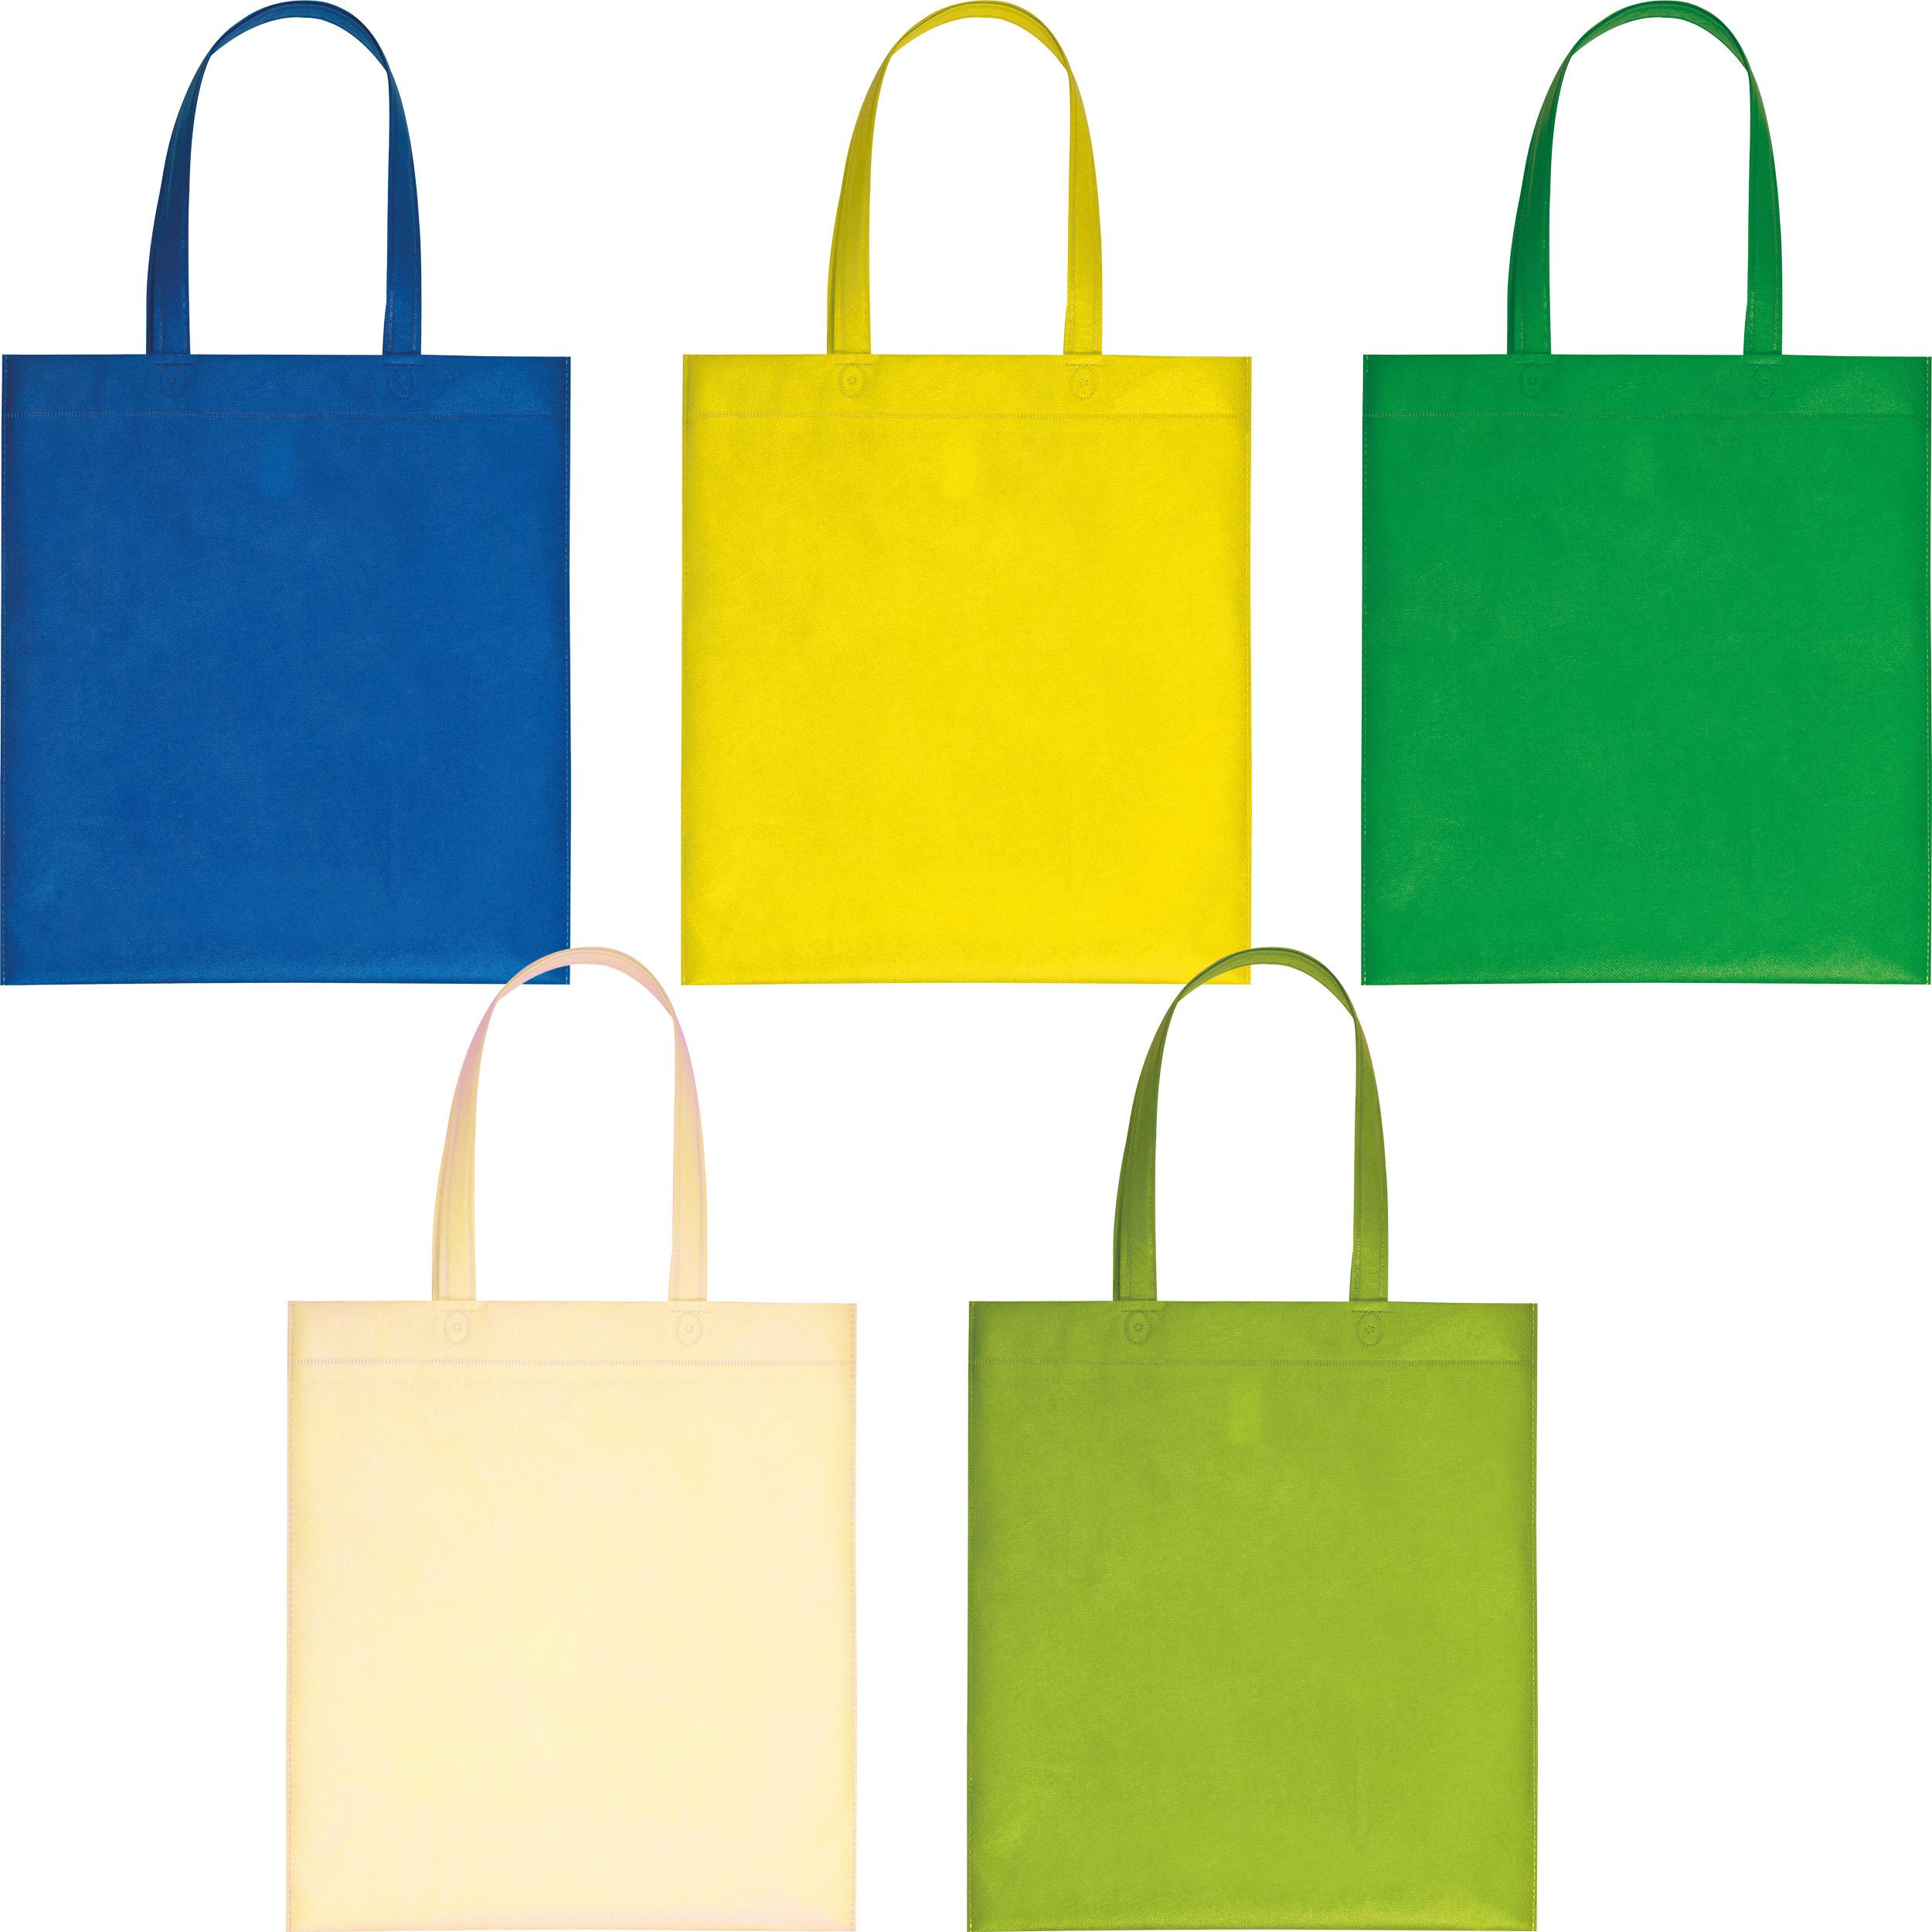 Non-woven bag with long handles